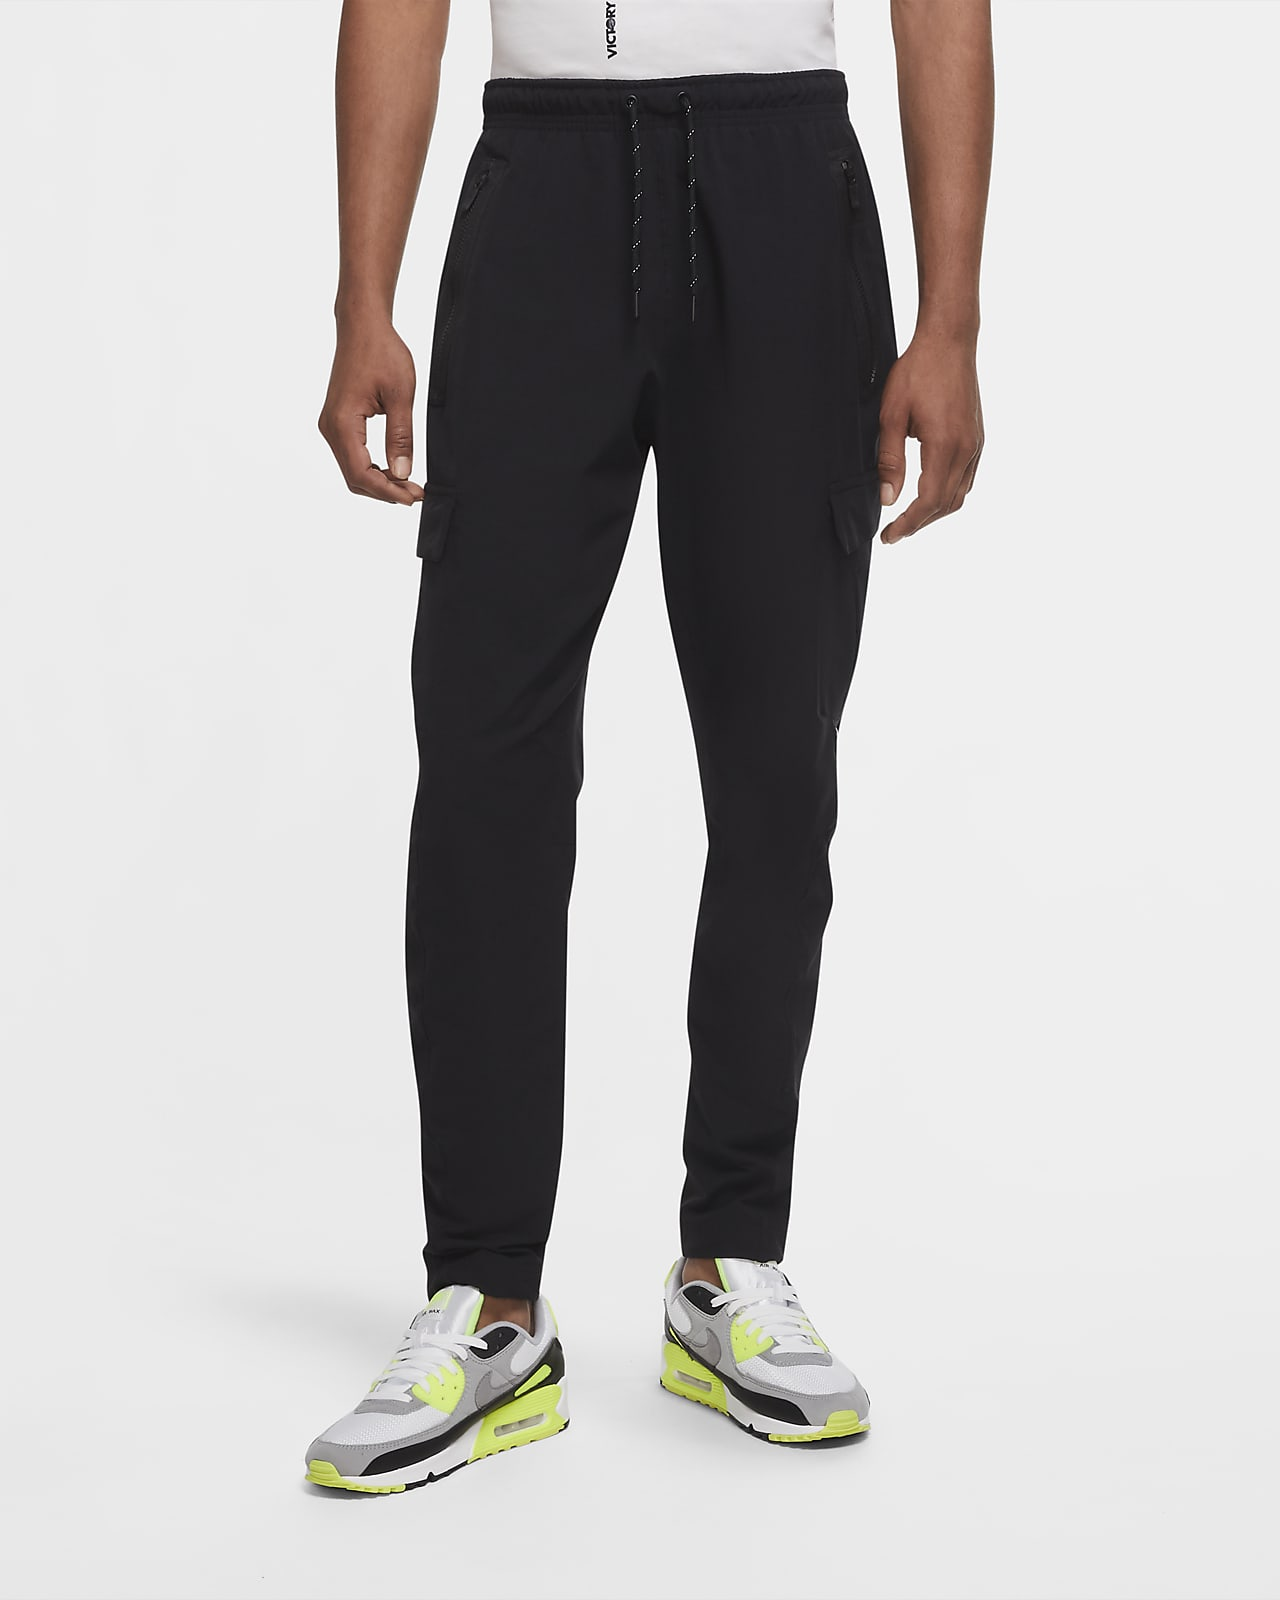 Nike Sportswear Air Max Pantalón con bolsillos de tejido Woven - Hombre